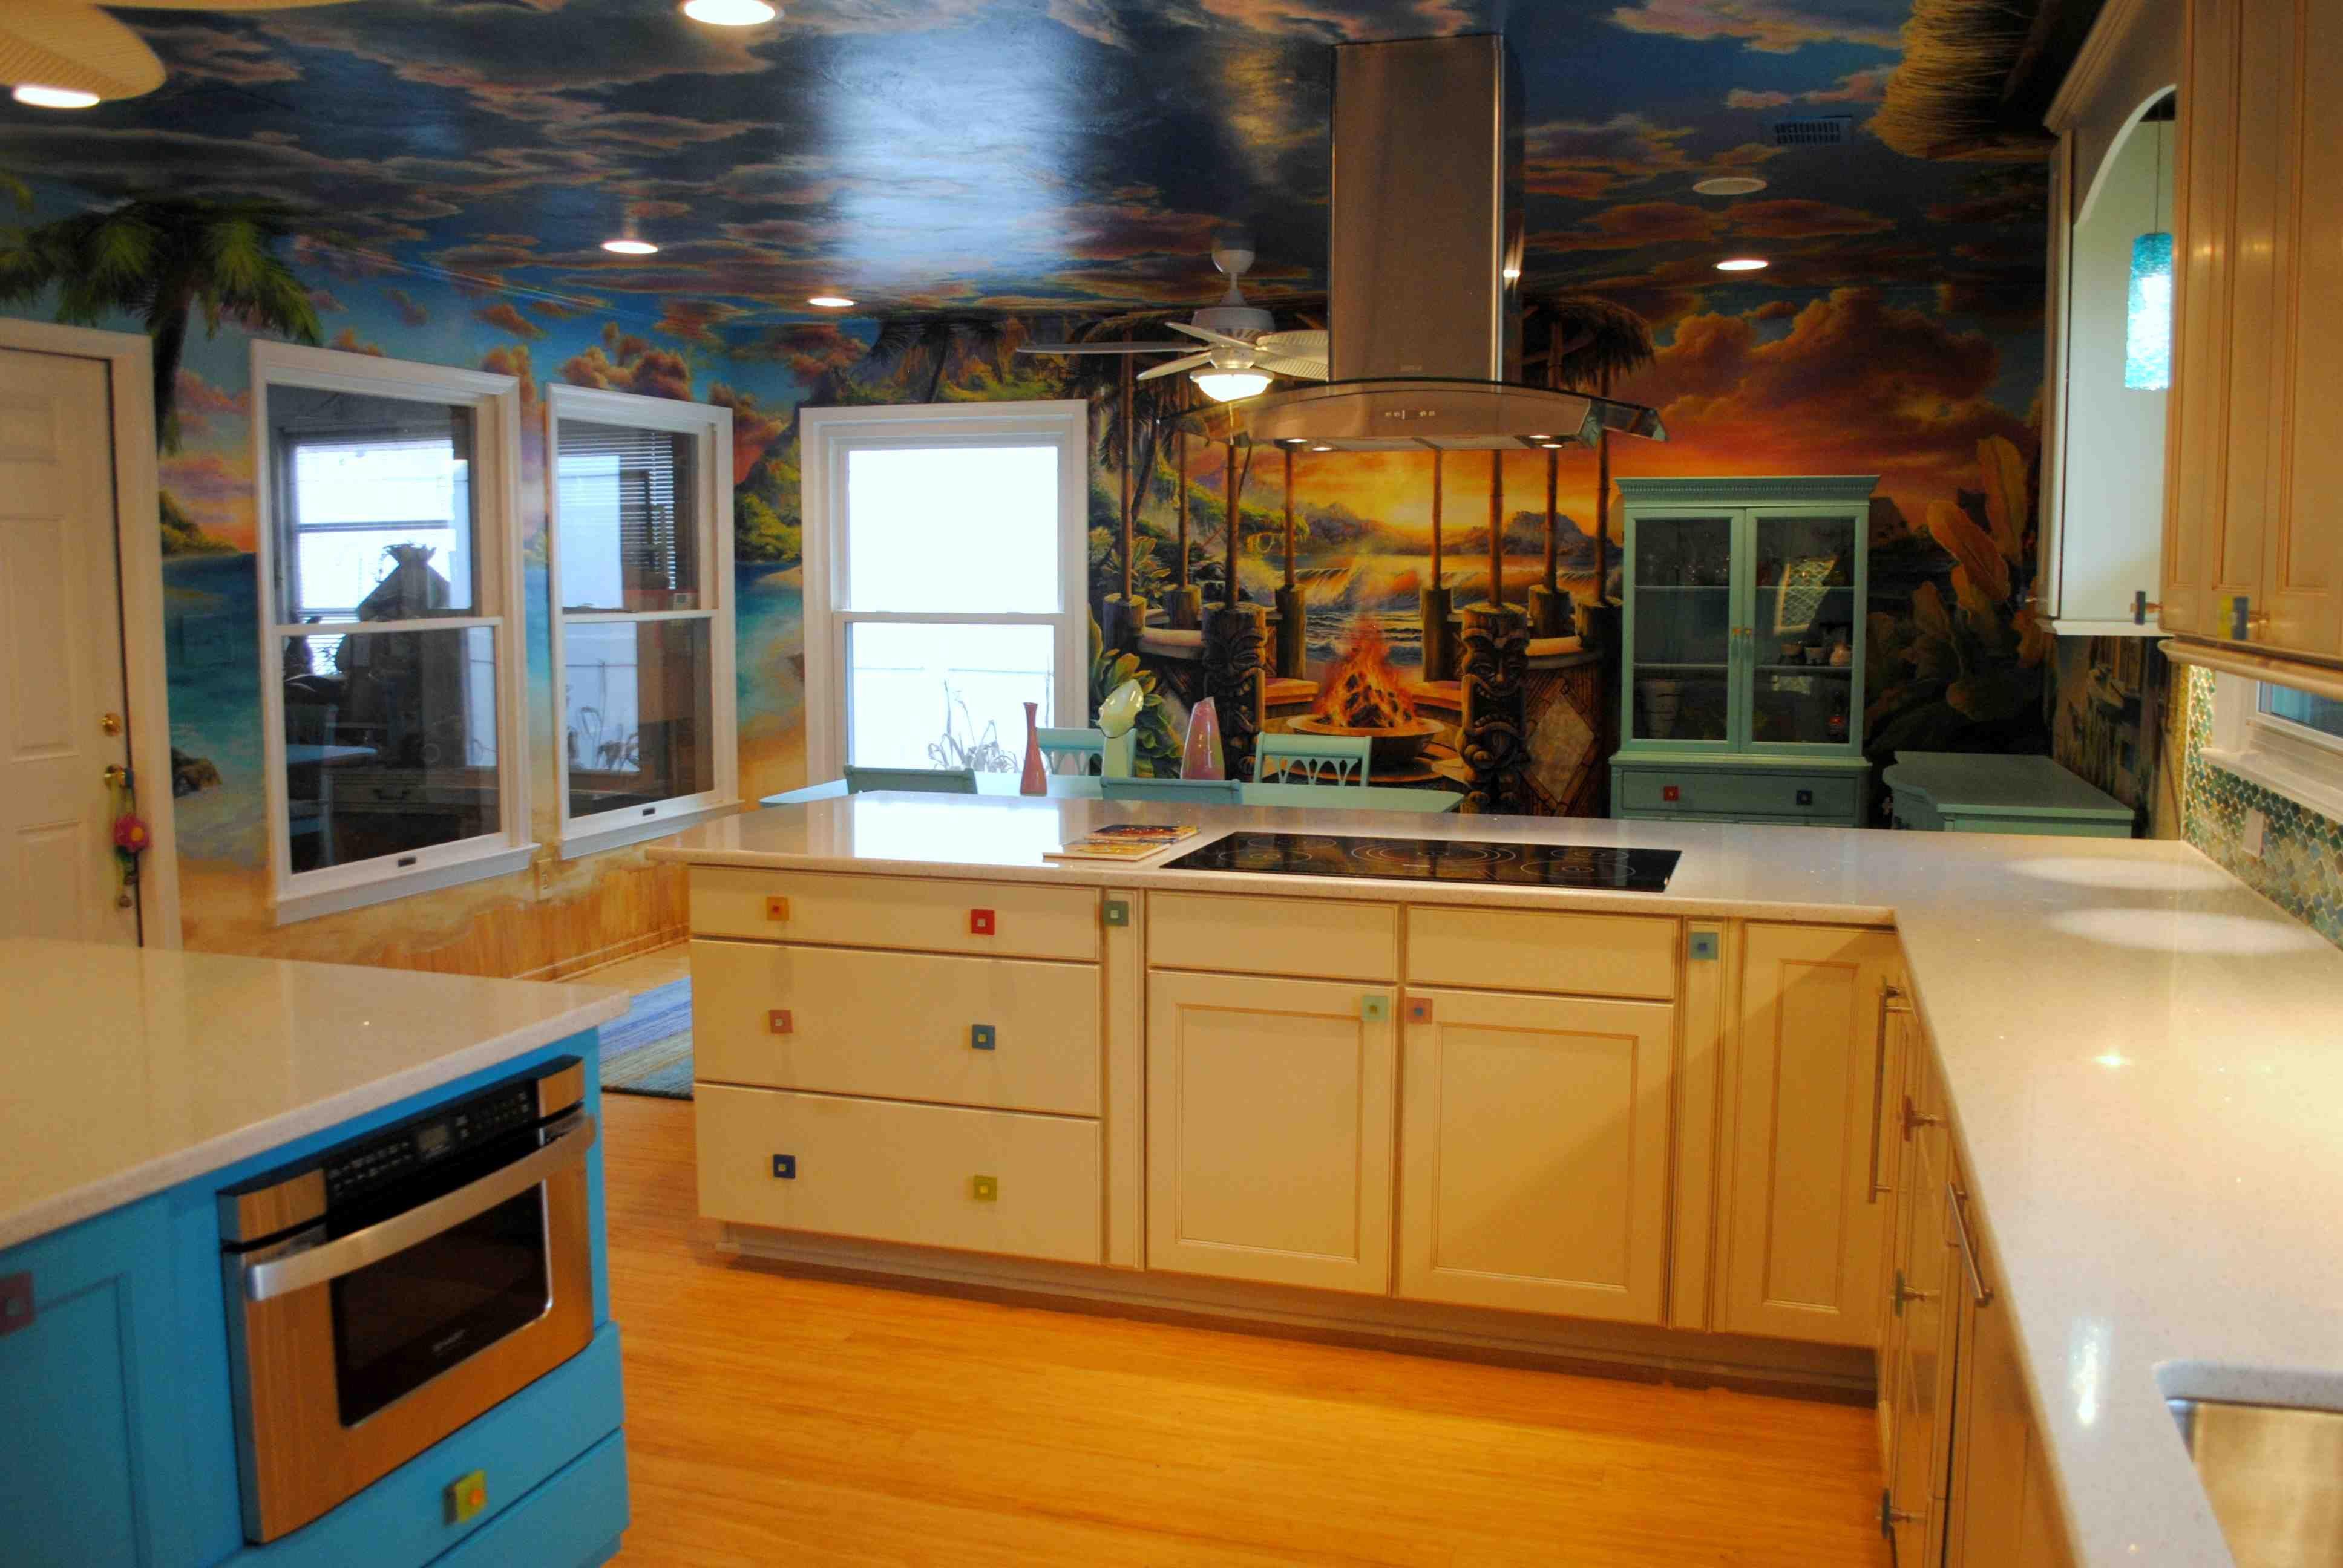 Hatchett Design Remodel Home Kitchens Kitchen Remodel Mobile Home Kitchen